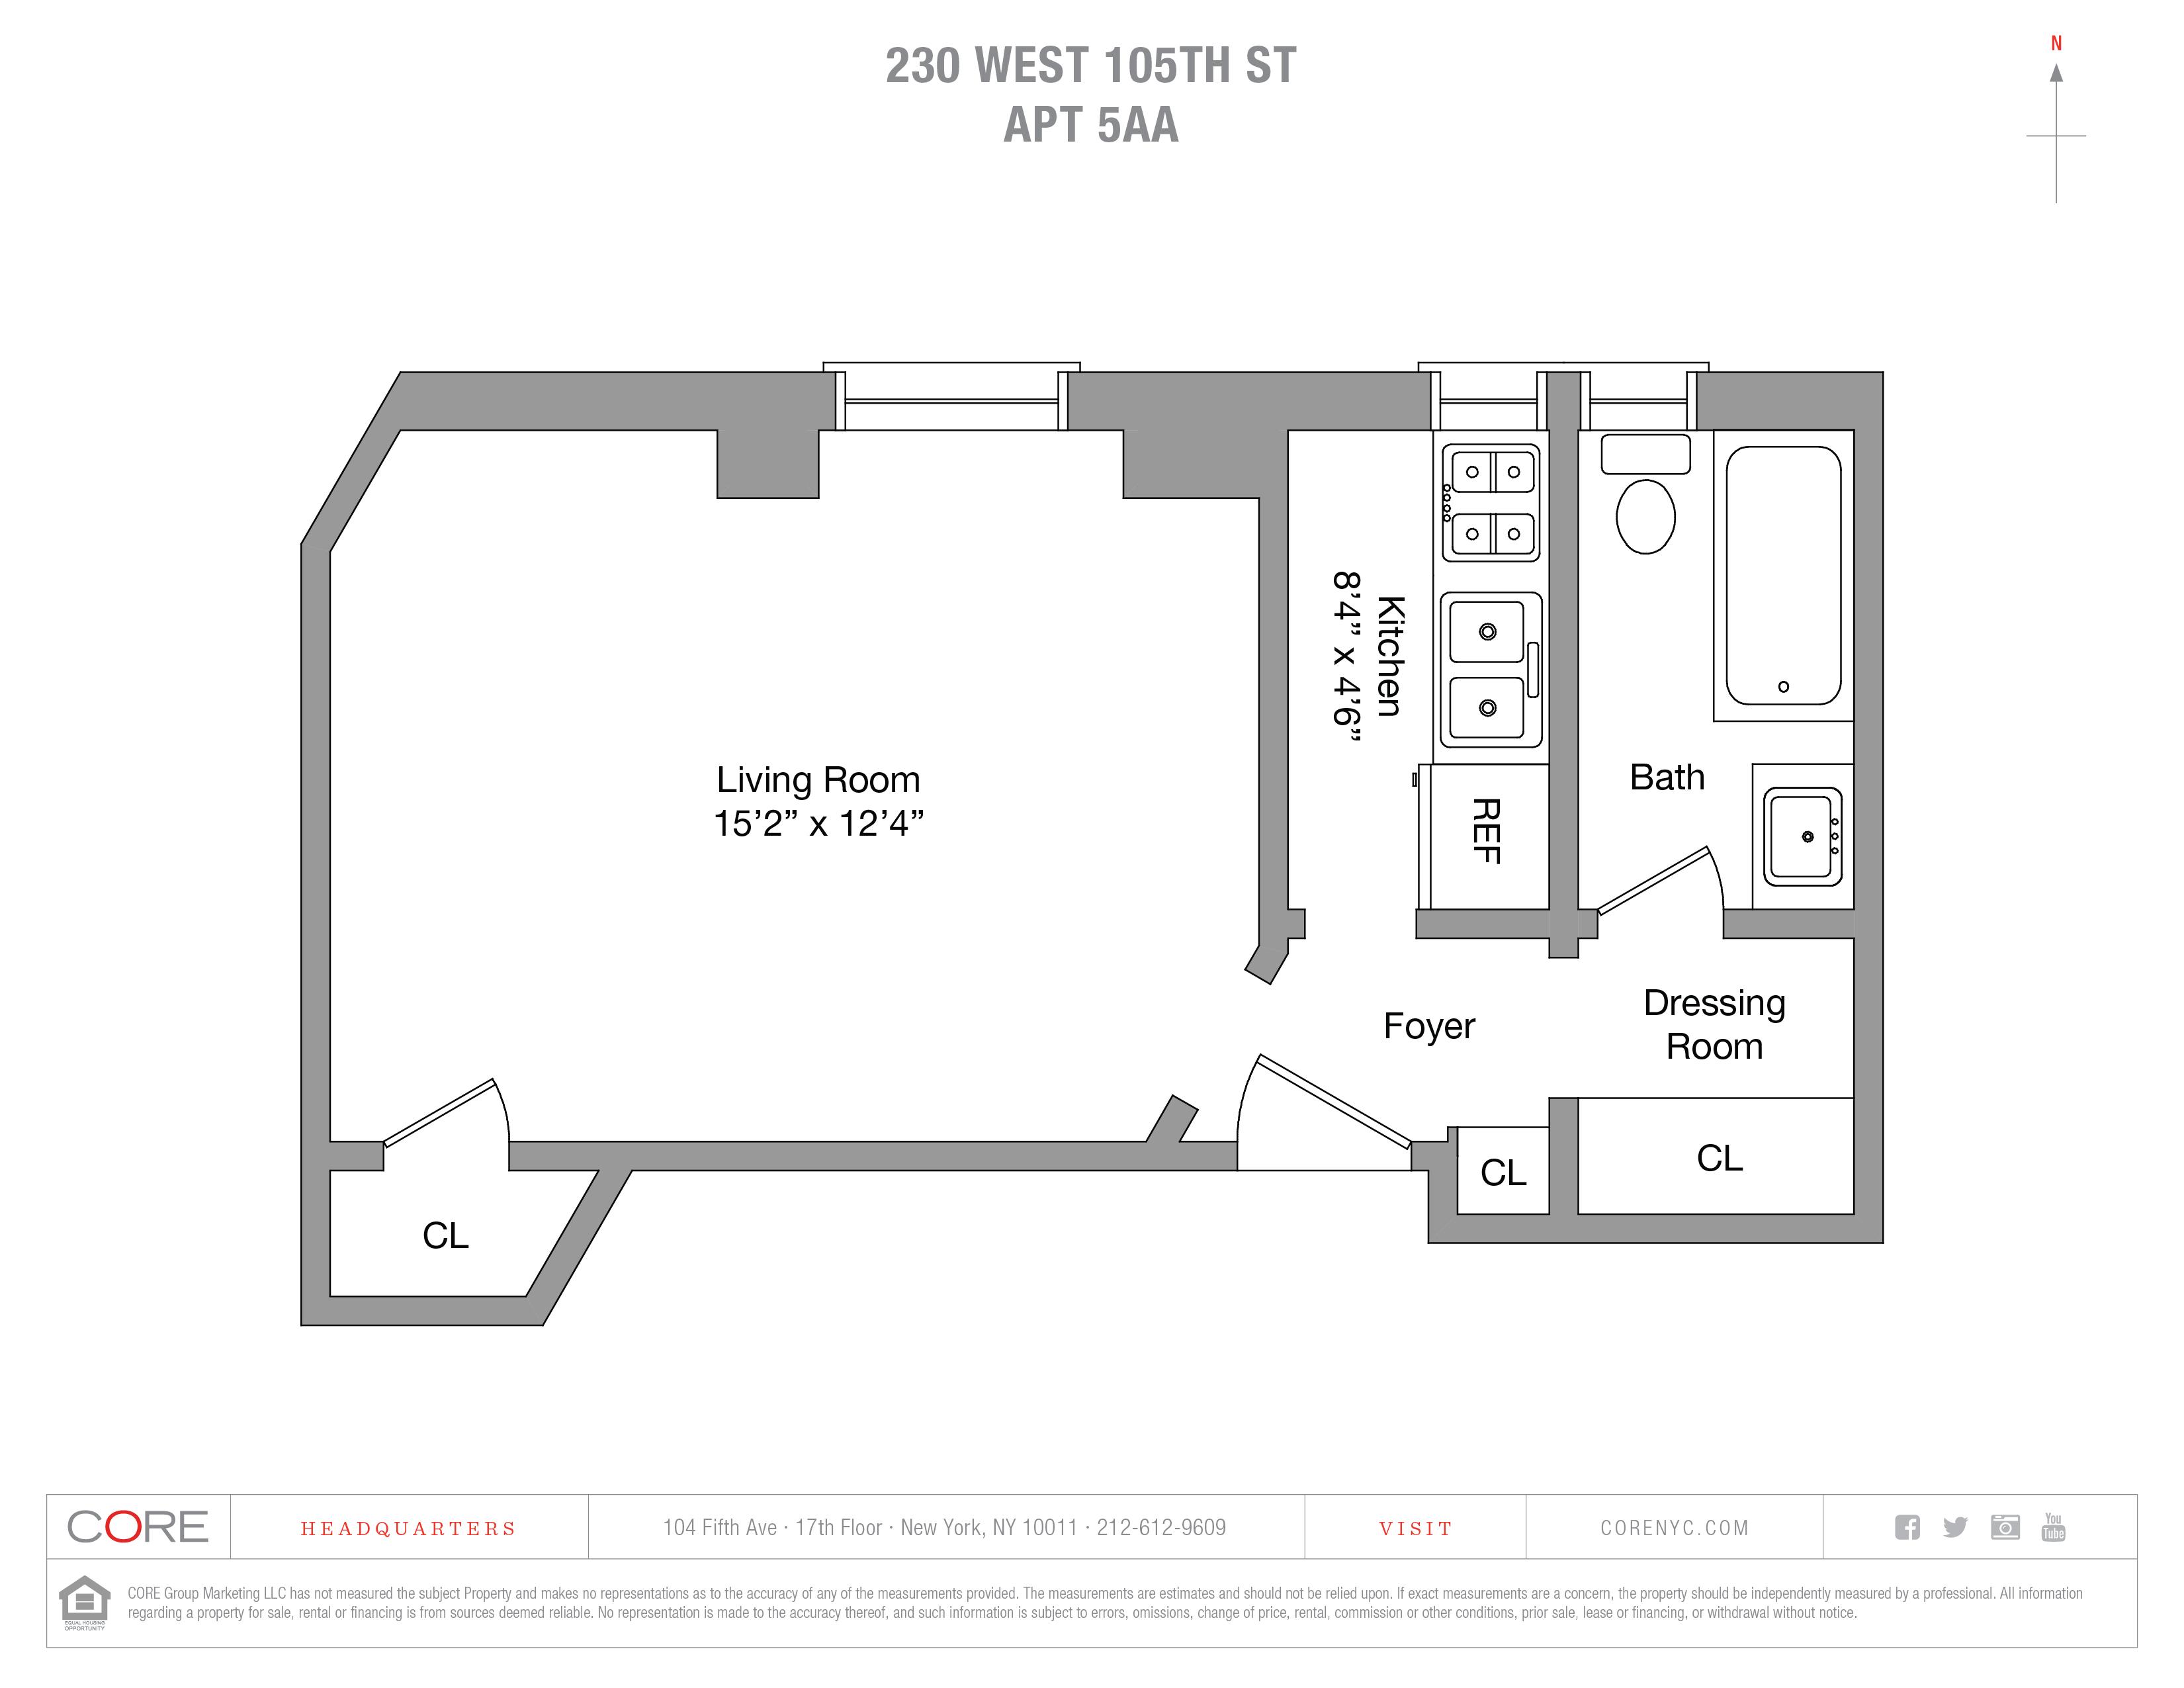 230 West 105th St. 5AA, New York, NY 10025